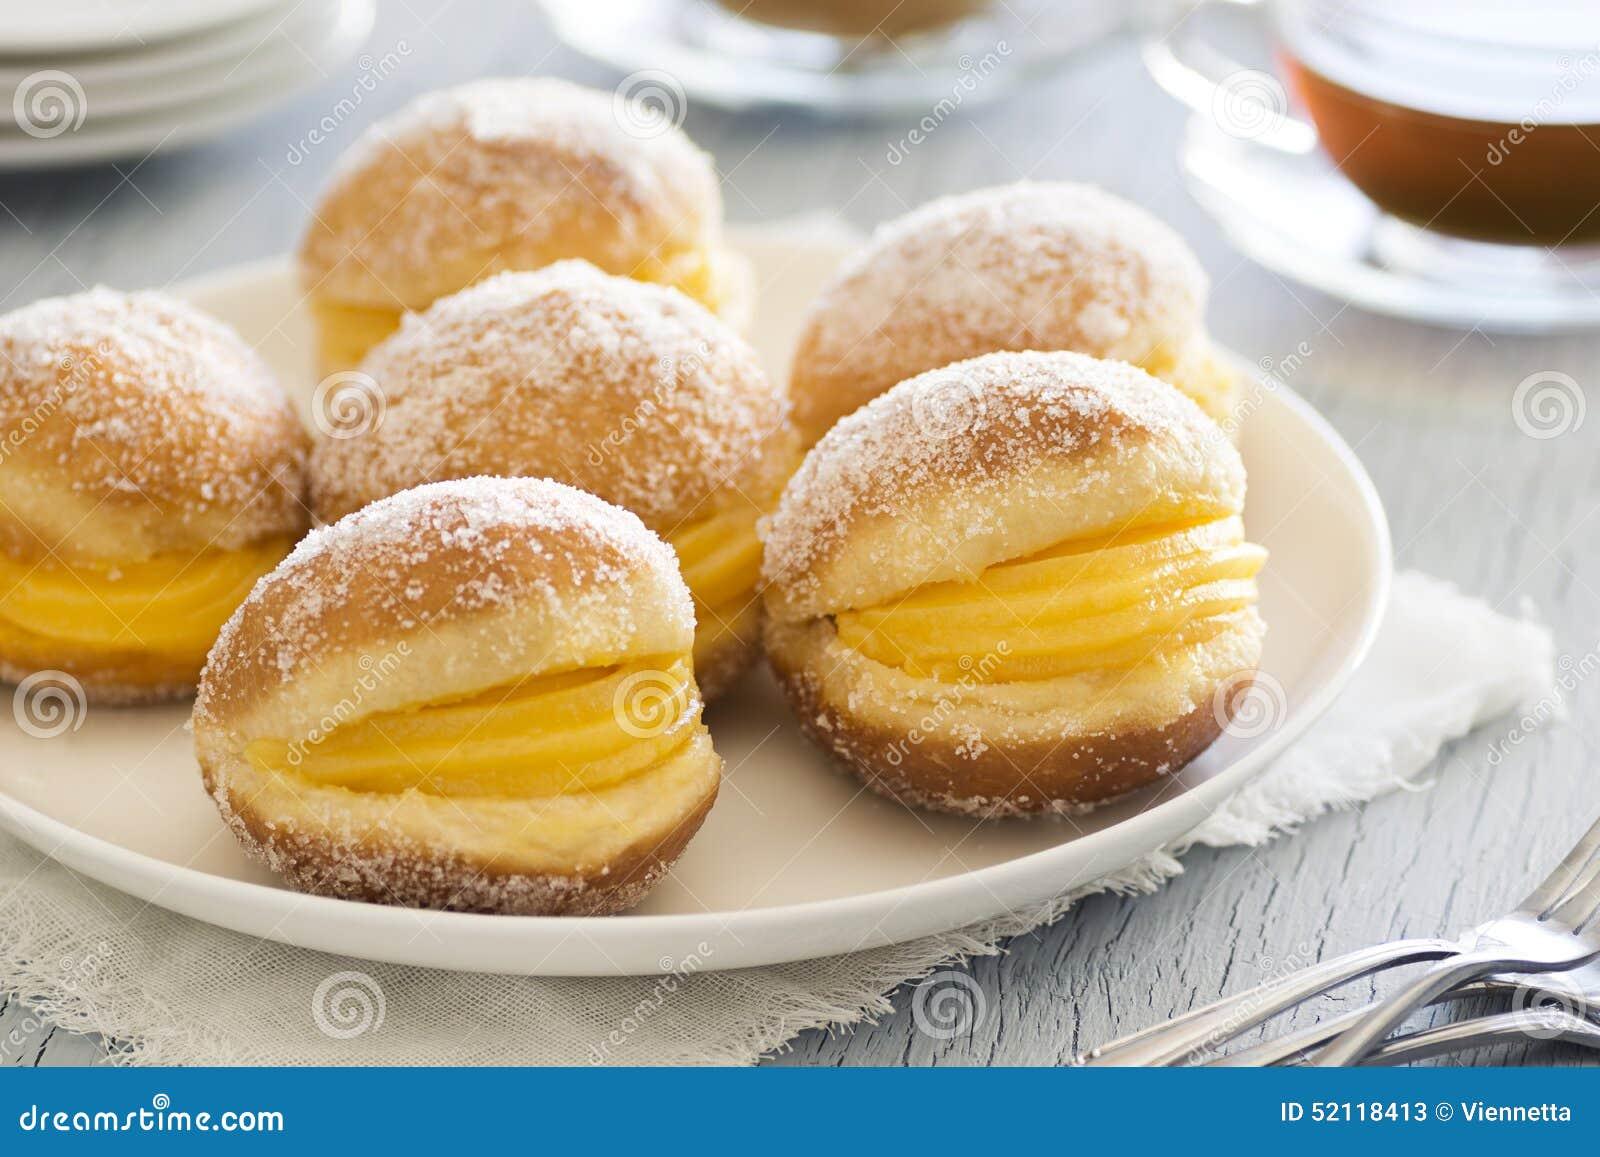 Bolos de Berlim sont les pâtisseries portugaises faites à partir de la pâte  frite roulée en sucre et remplie de taupes d\u0027ovos (l\u0027oeuf doux)